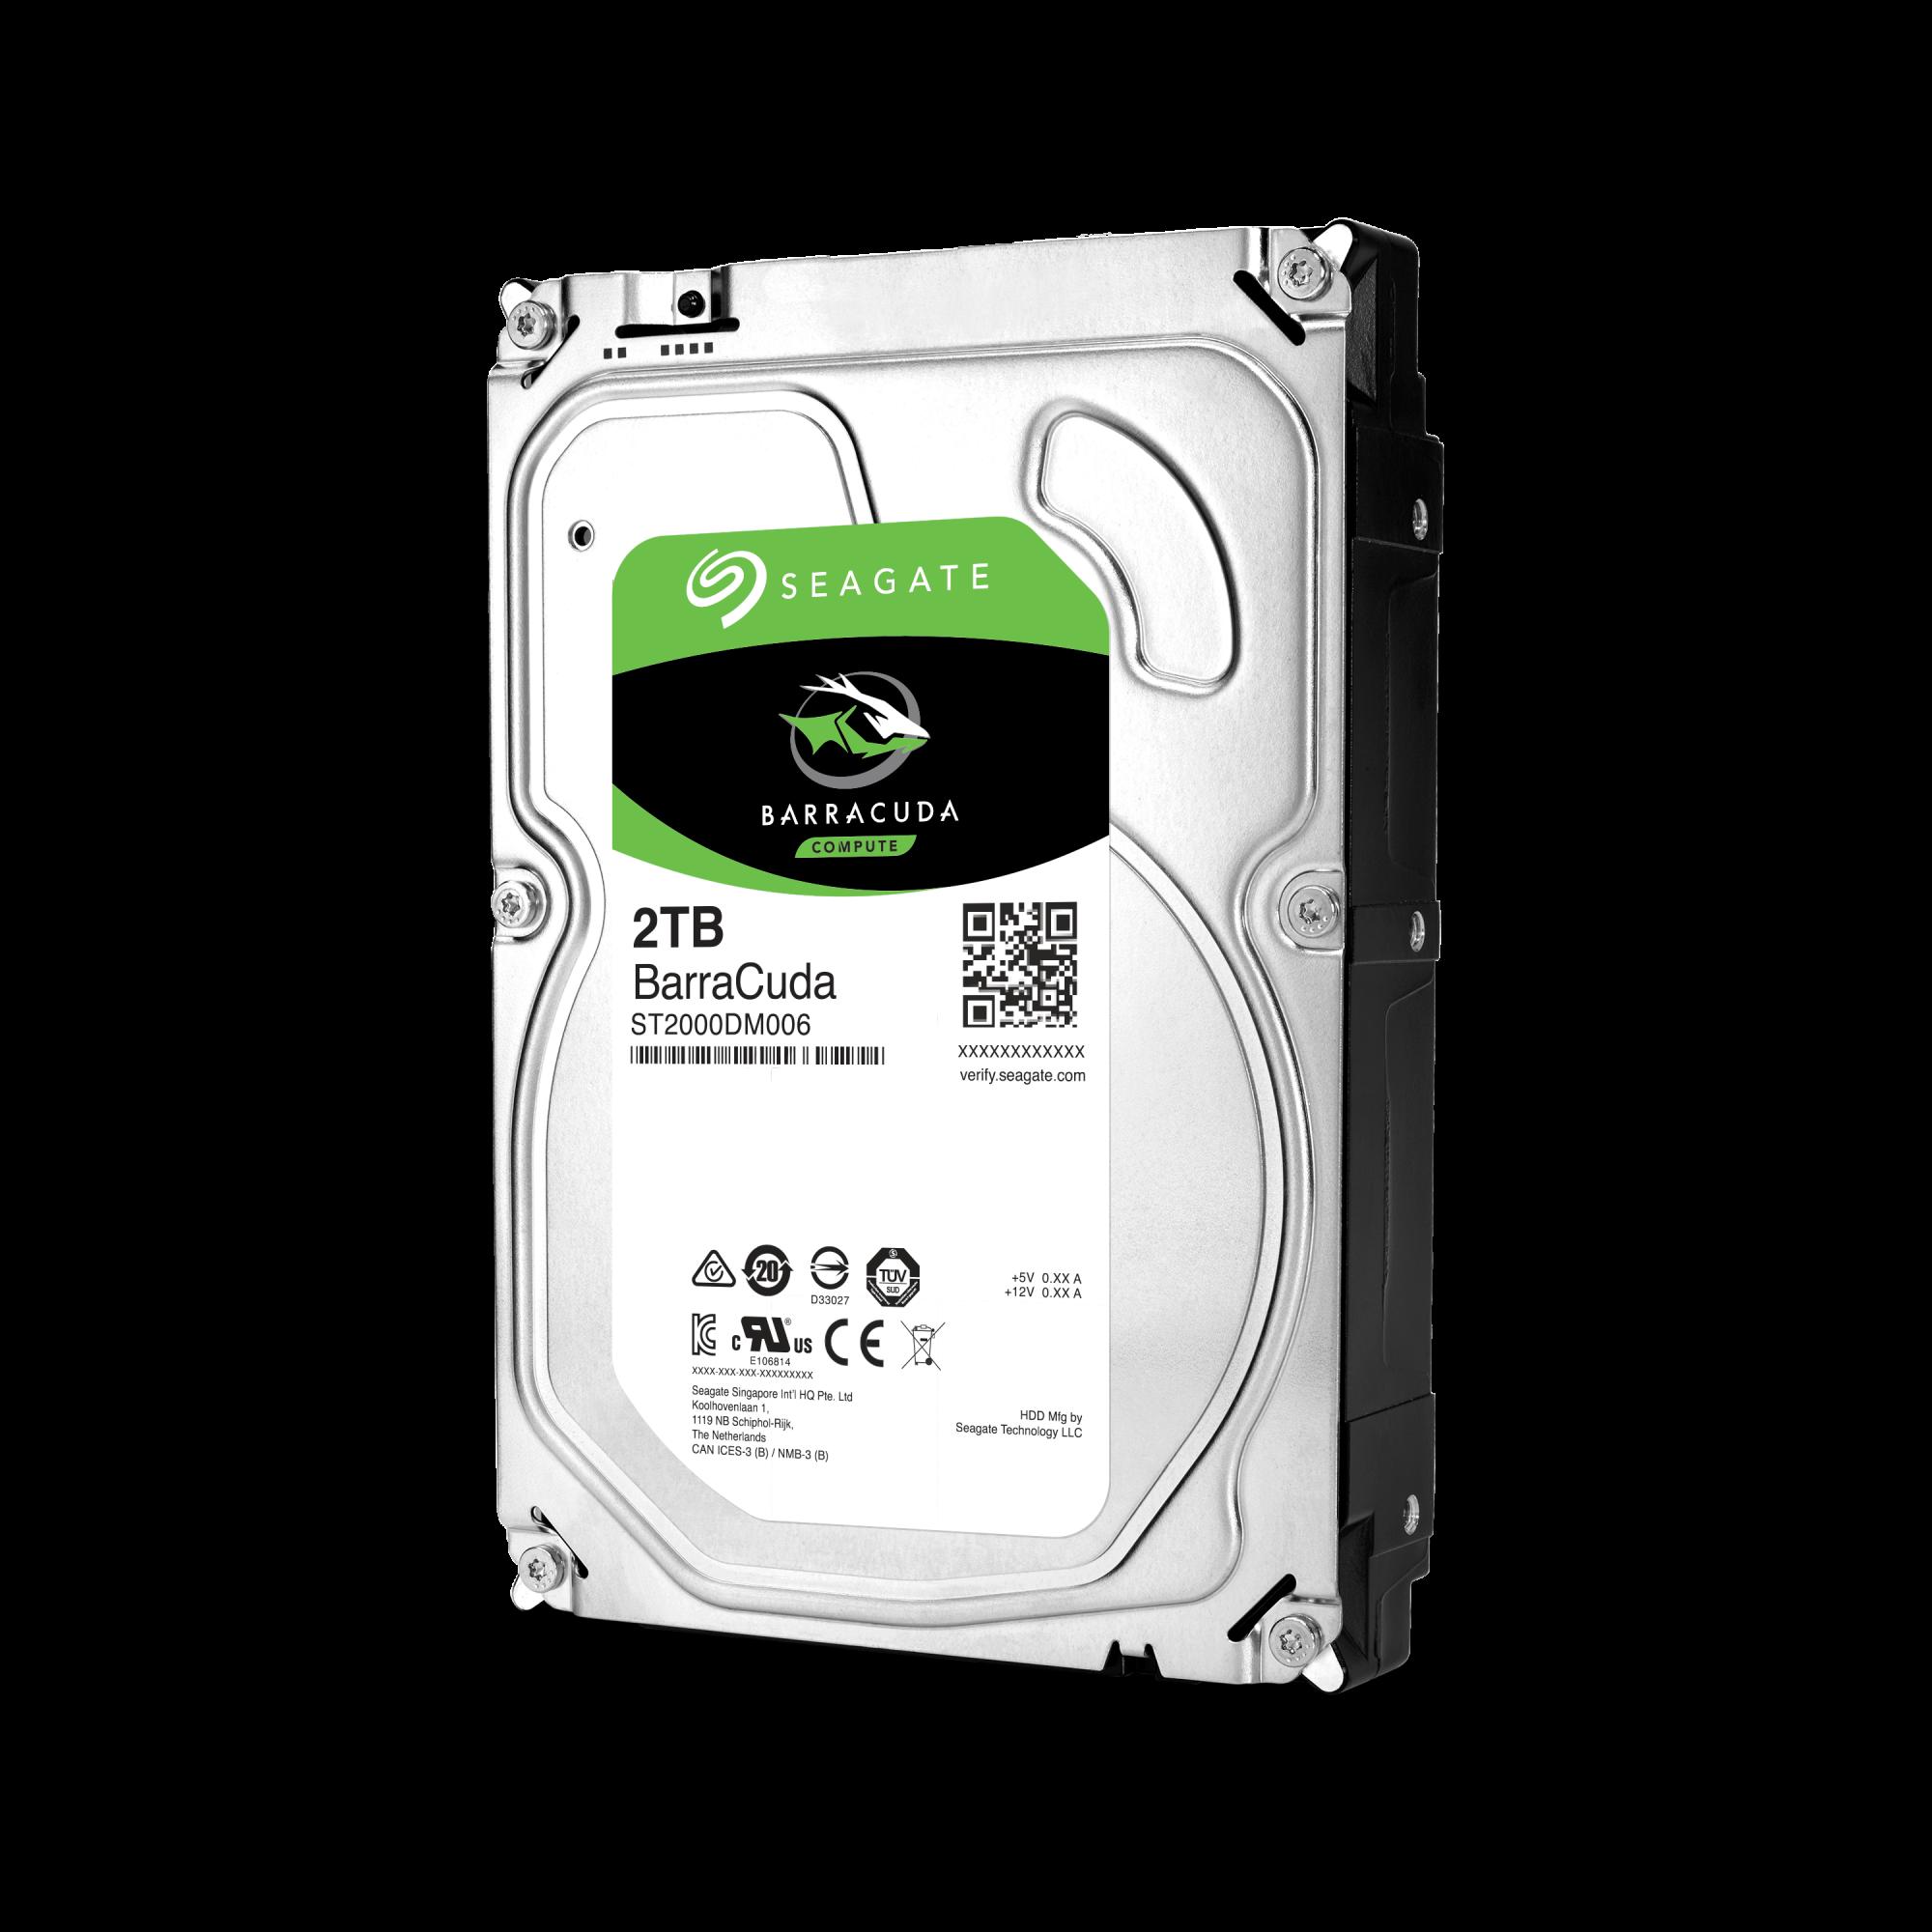 Seagate BarraCuda 2TB pevný disk